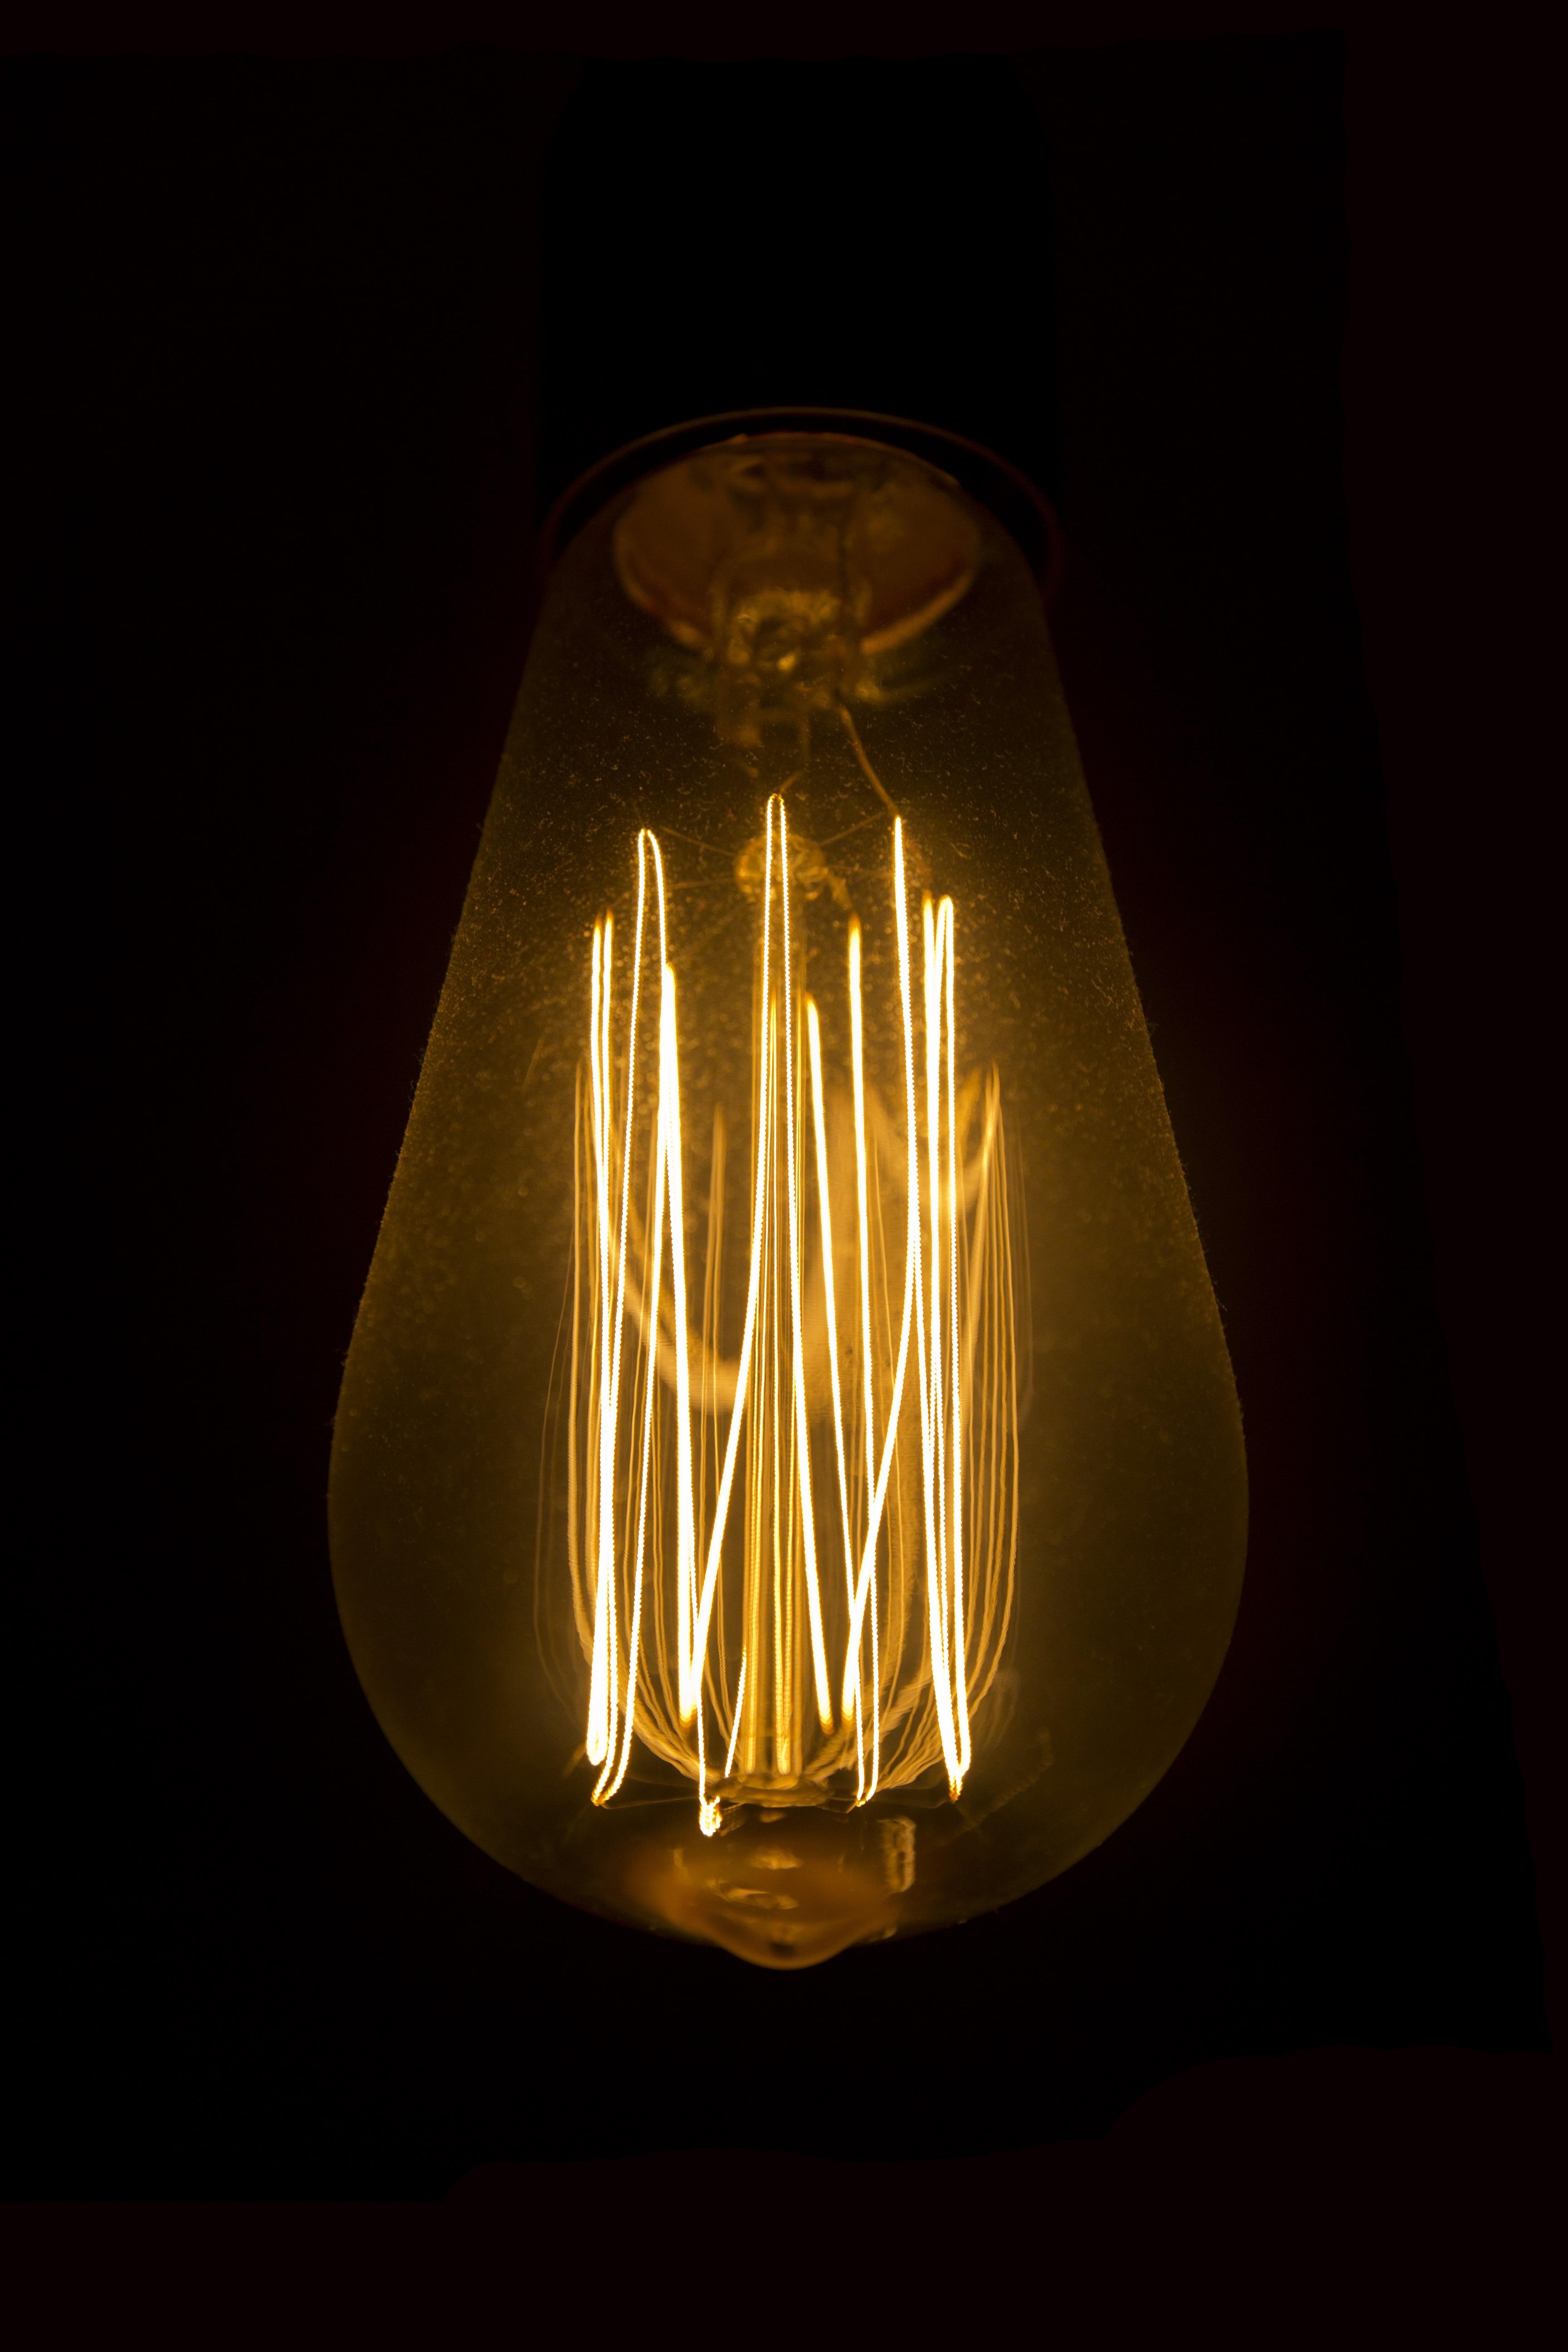 Fotos gratis ligero brillante tecnolog a vaso - Iluminacion sin electricidad ...